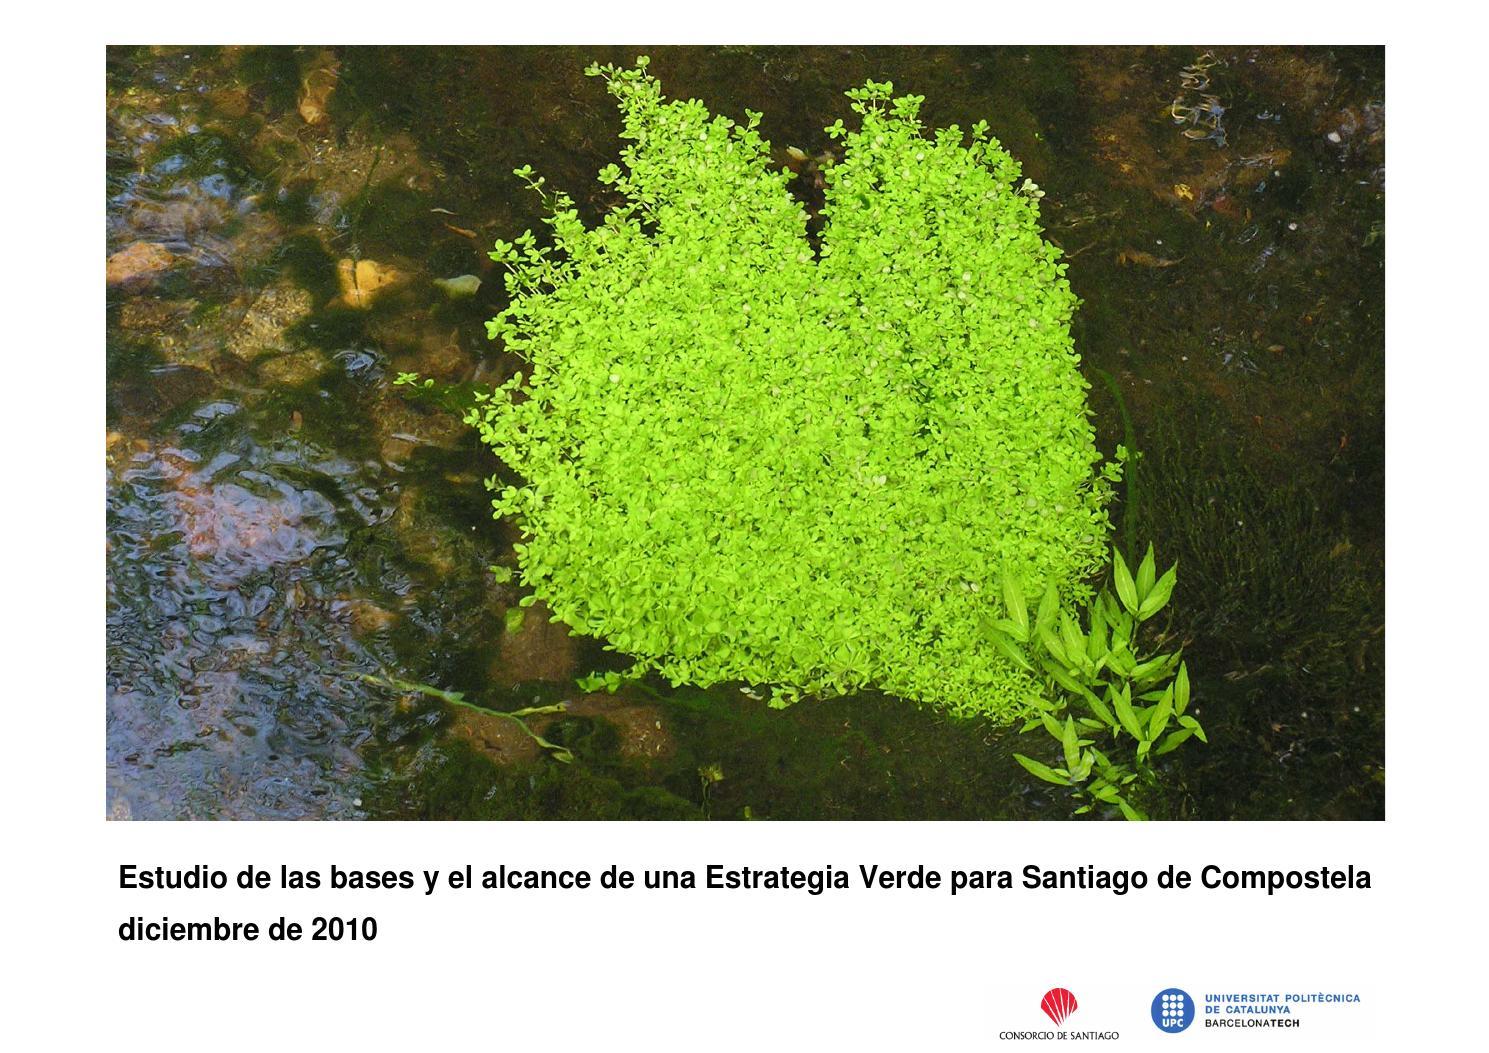 Una estrategia verde para santiago by Consorcio de Santiago - issuu